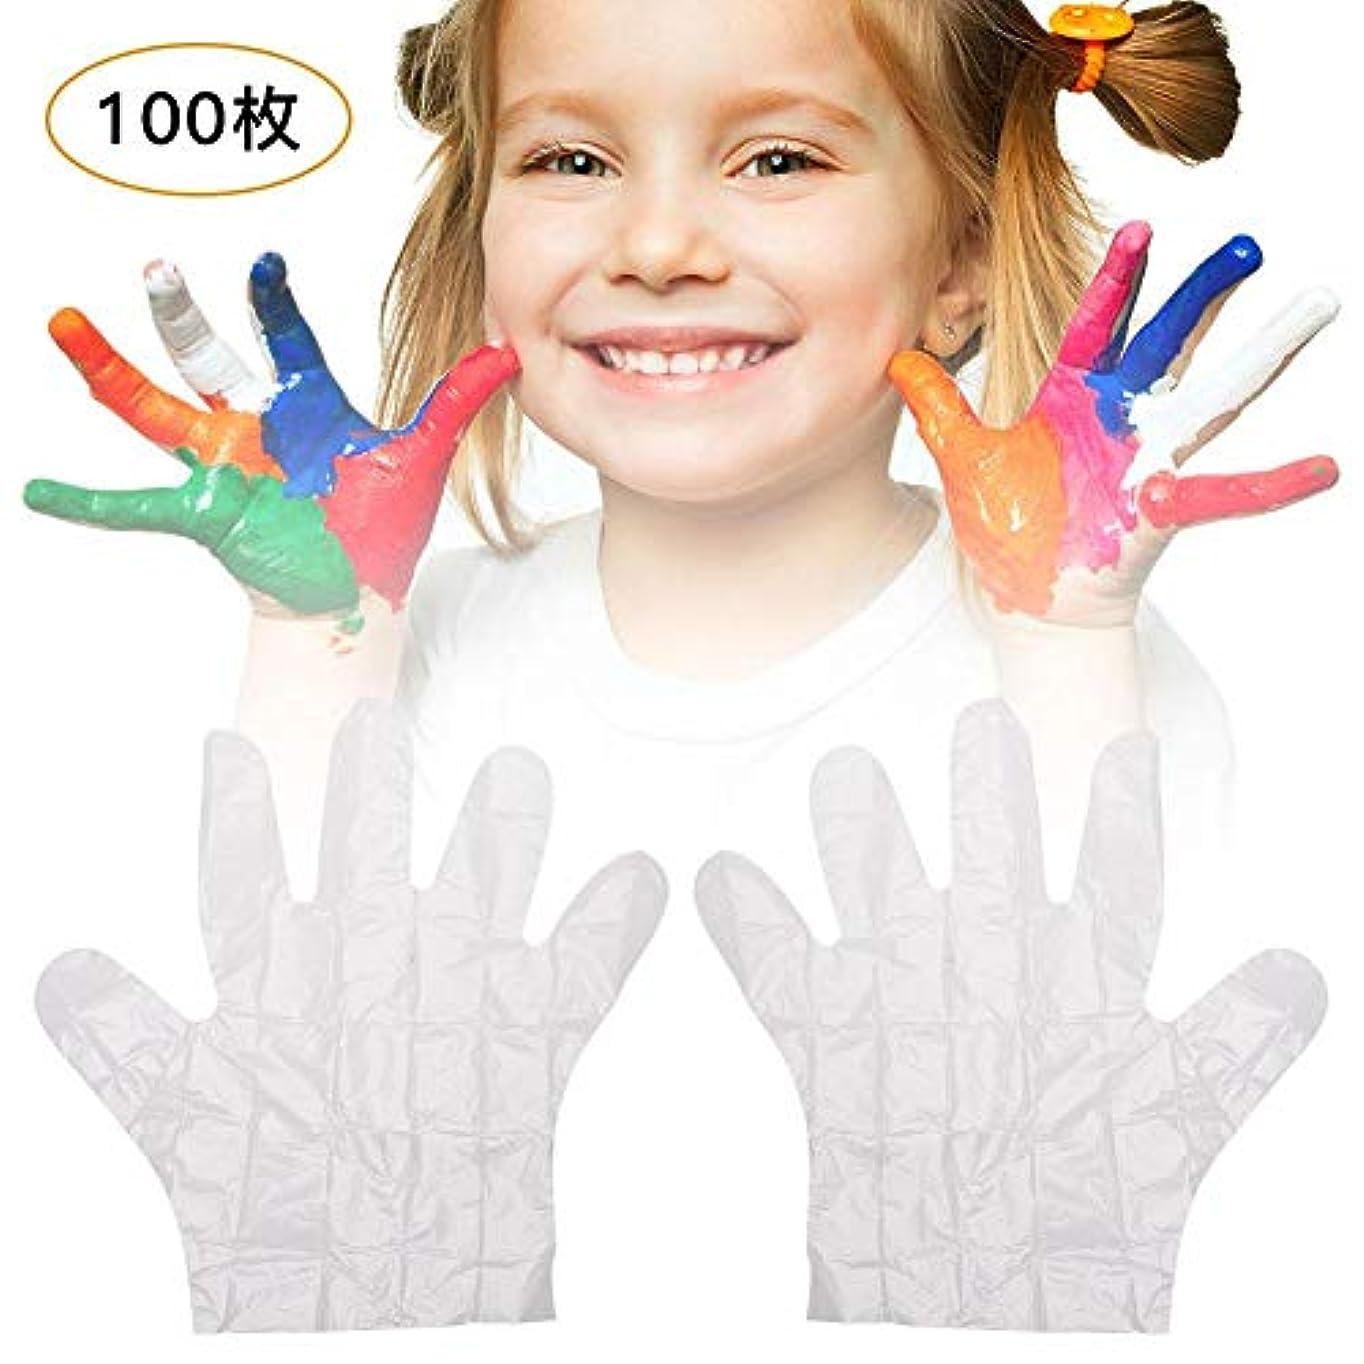 アウトドアハミングバード真っ逆さま使い捨て手袋 子供用 極薄ビニール手袋 LUERME ポリエチレン 透明 実用 衛生 100枚/200枚セット 左右兼用